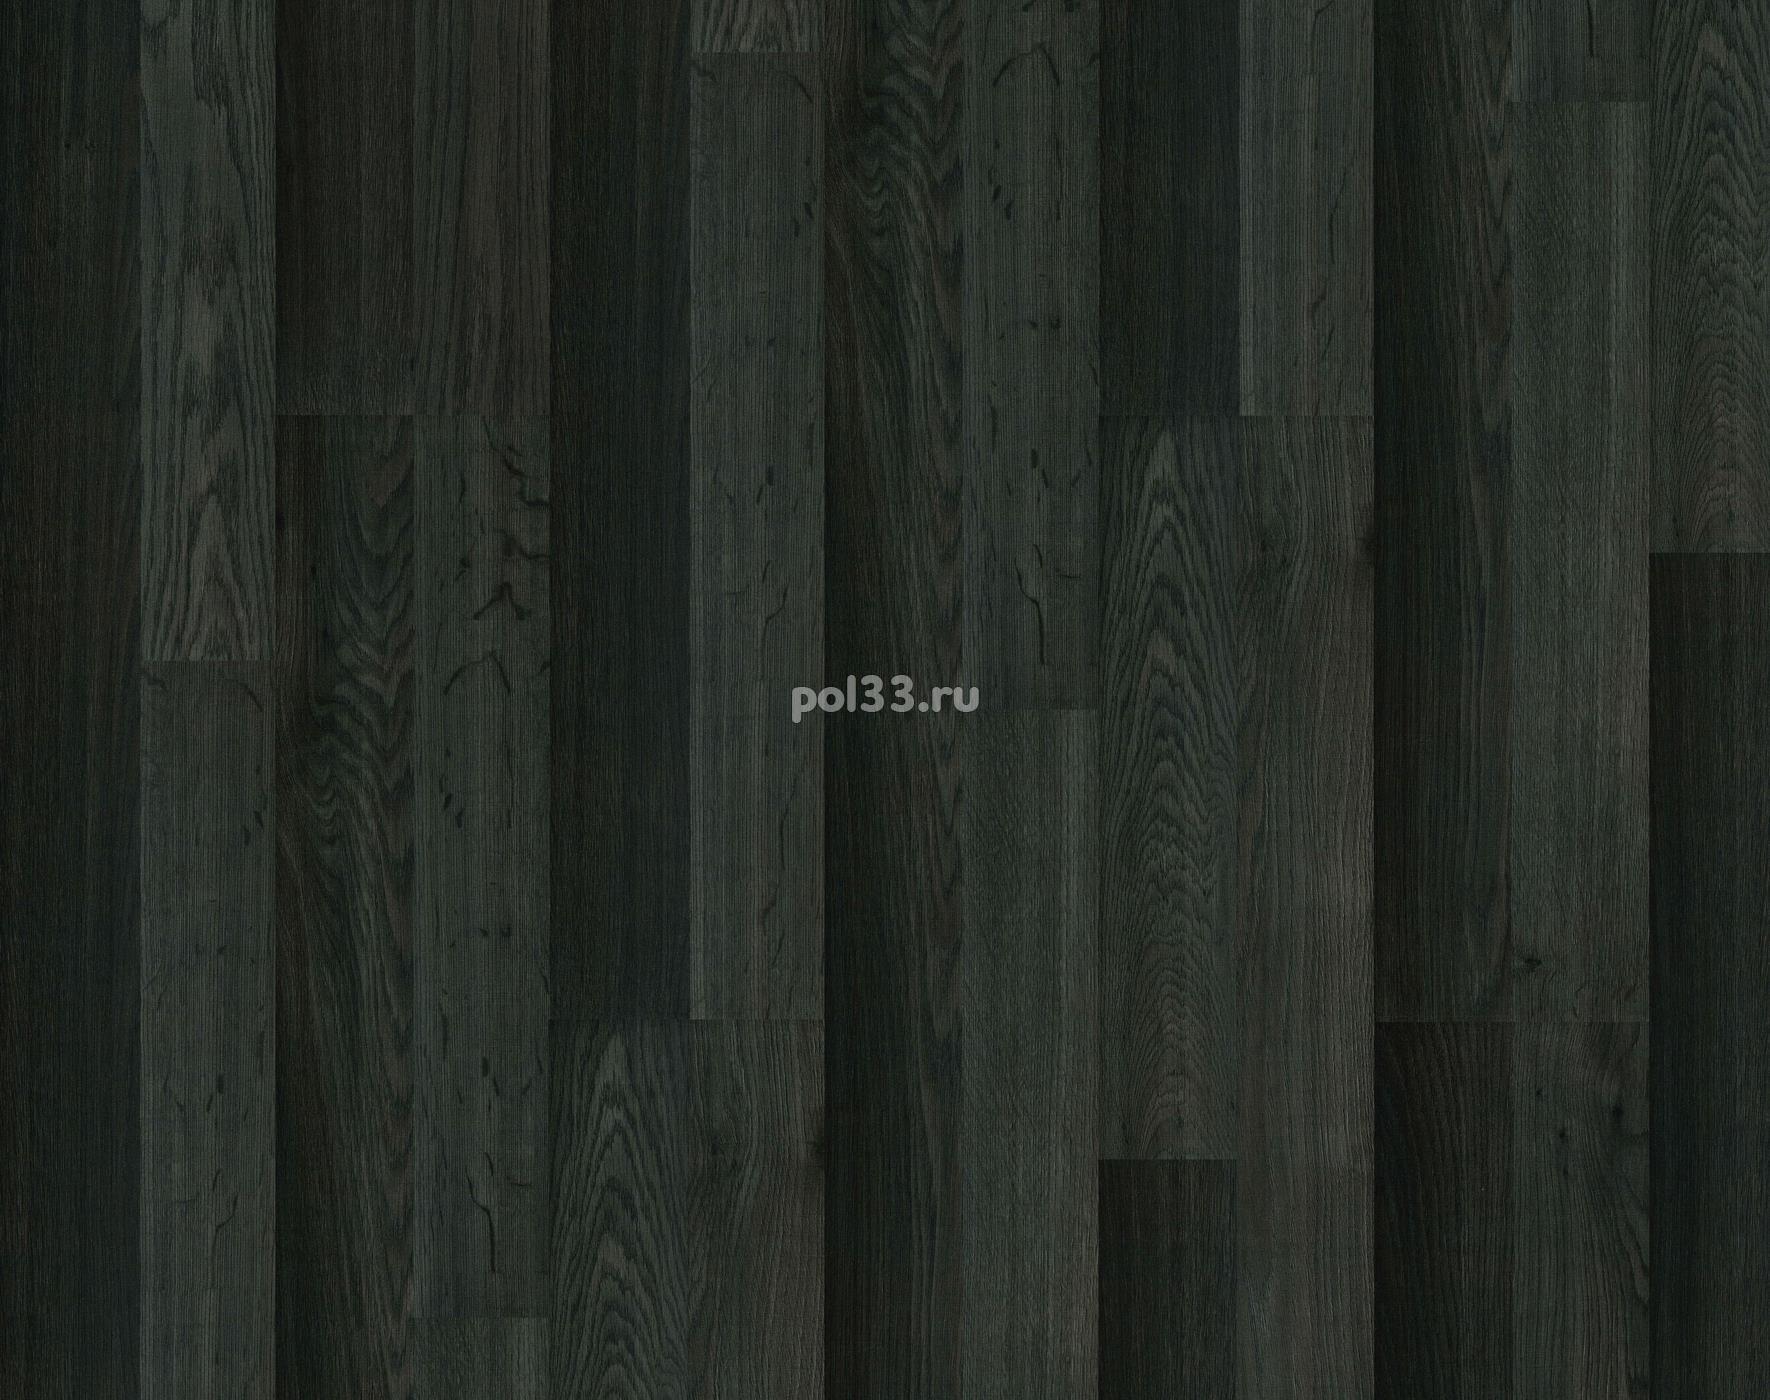 Ламинат Balterio коллекция Vitality Diplomat Дуб серый промасленный 585 -DK / DIP DK585 купить в Калуге по низкой цене